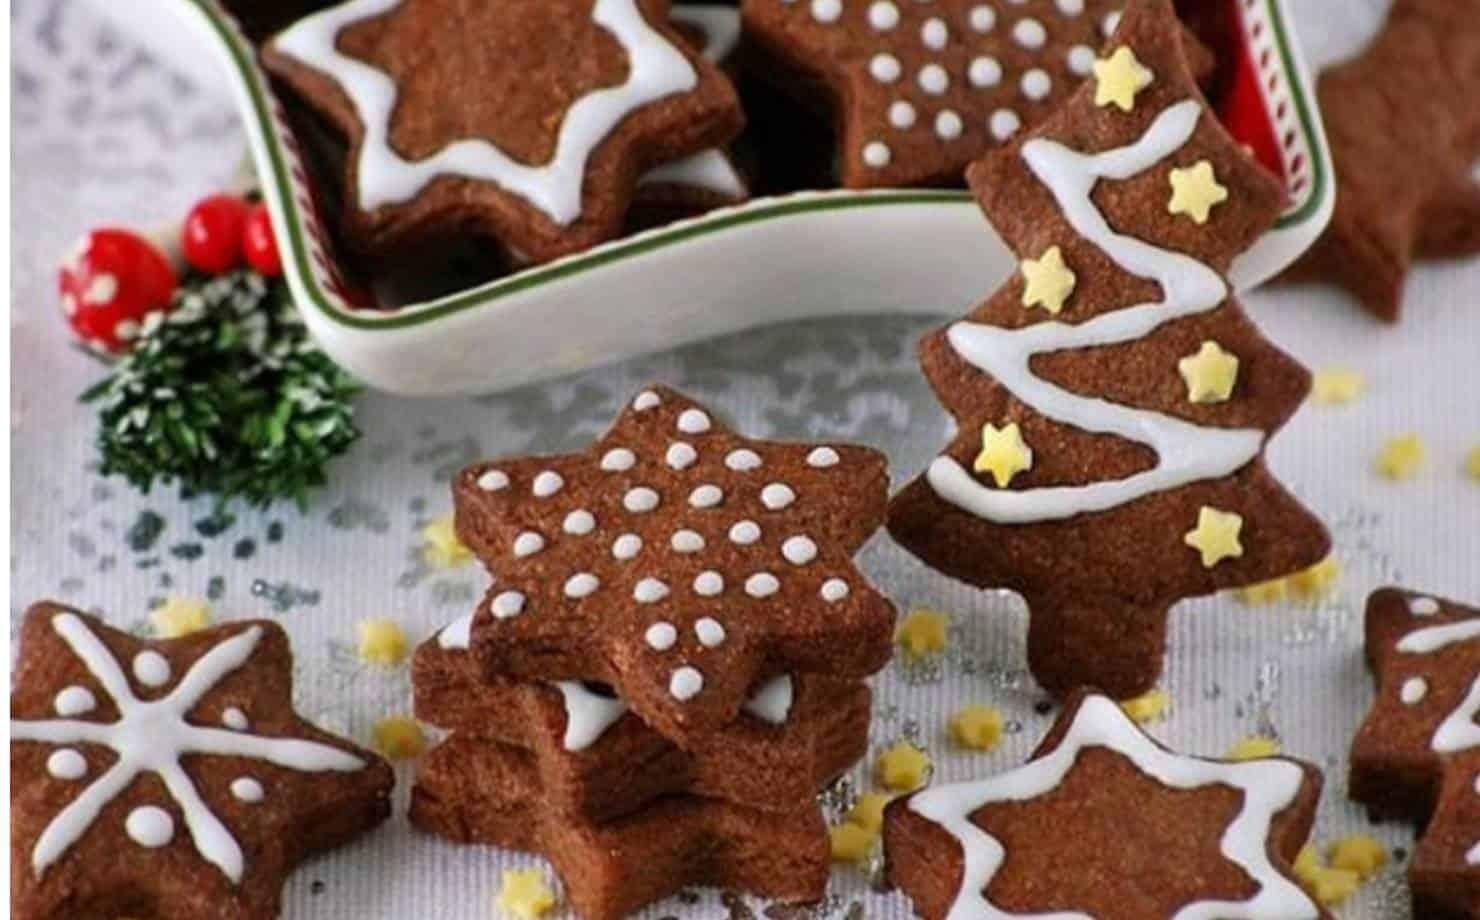 Biscoitos Natalinos expostos na mesa